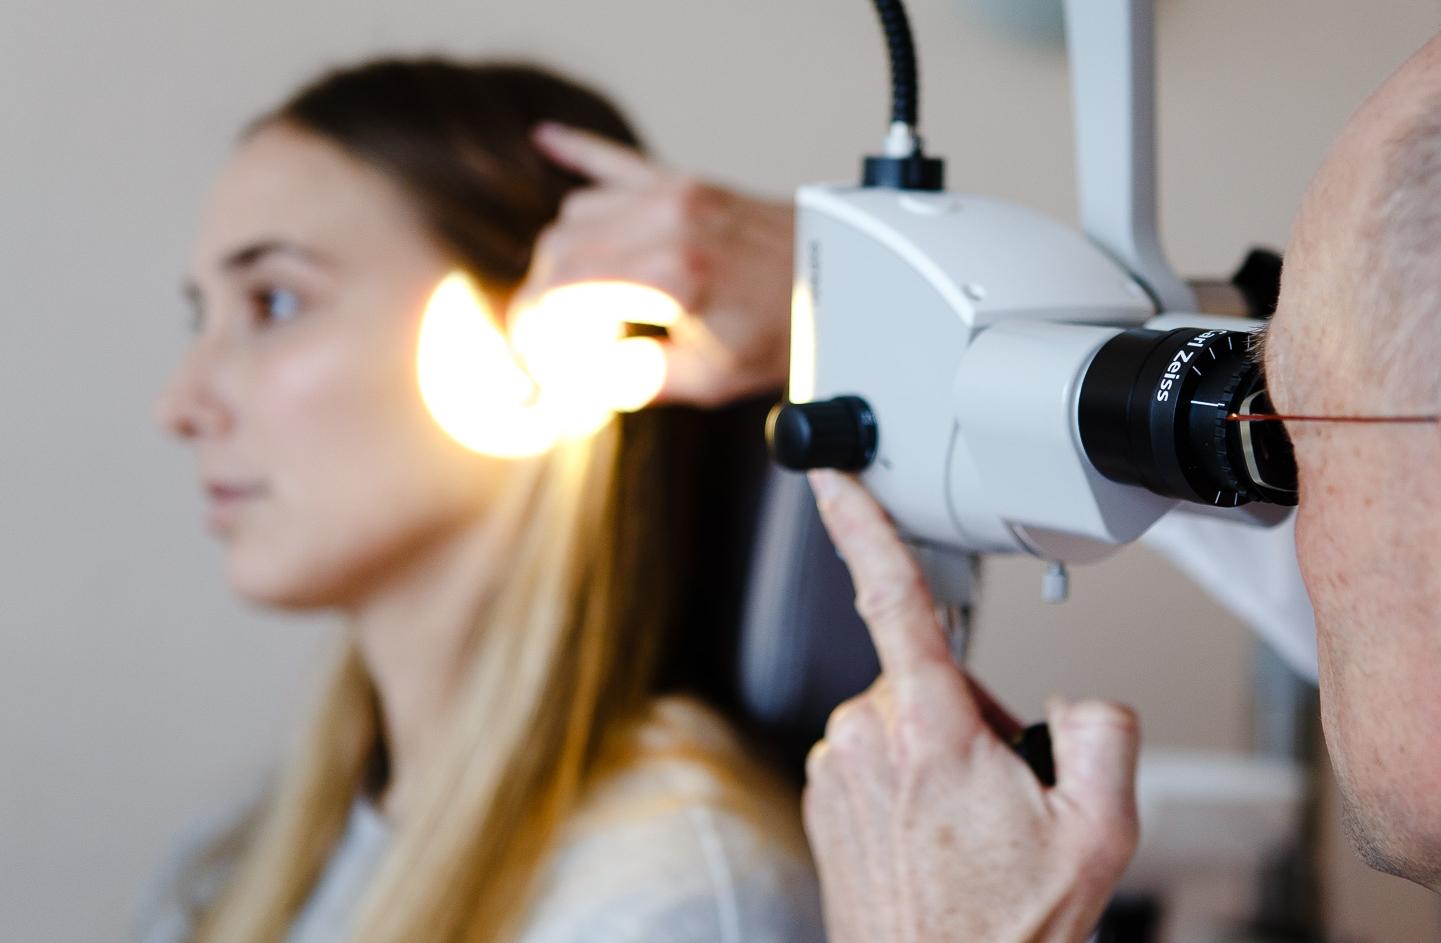 Ohrmikroskopie durch Dr. med Jan Baade